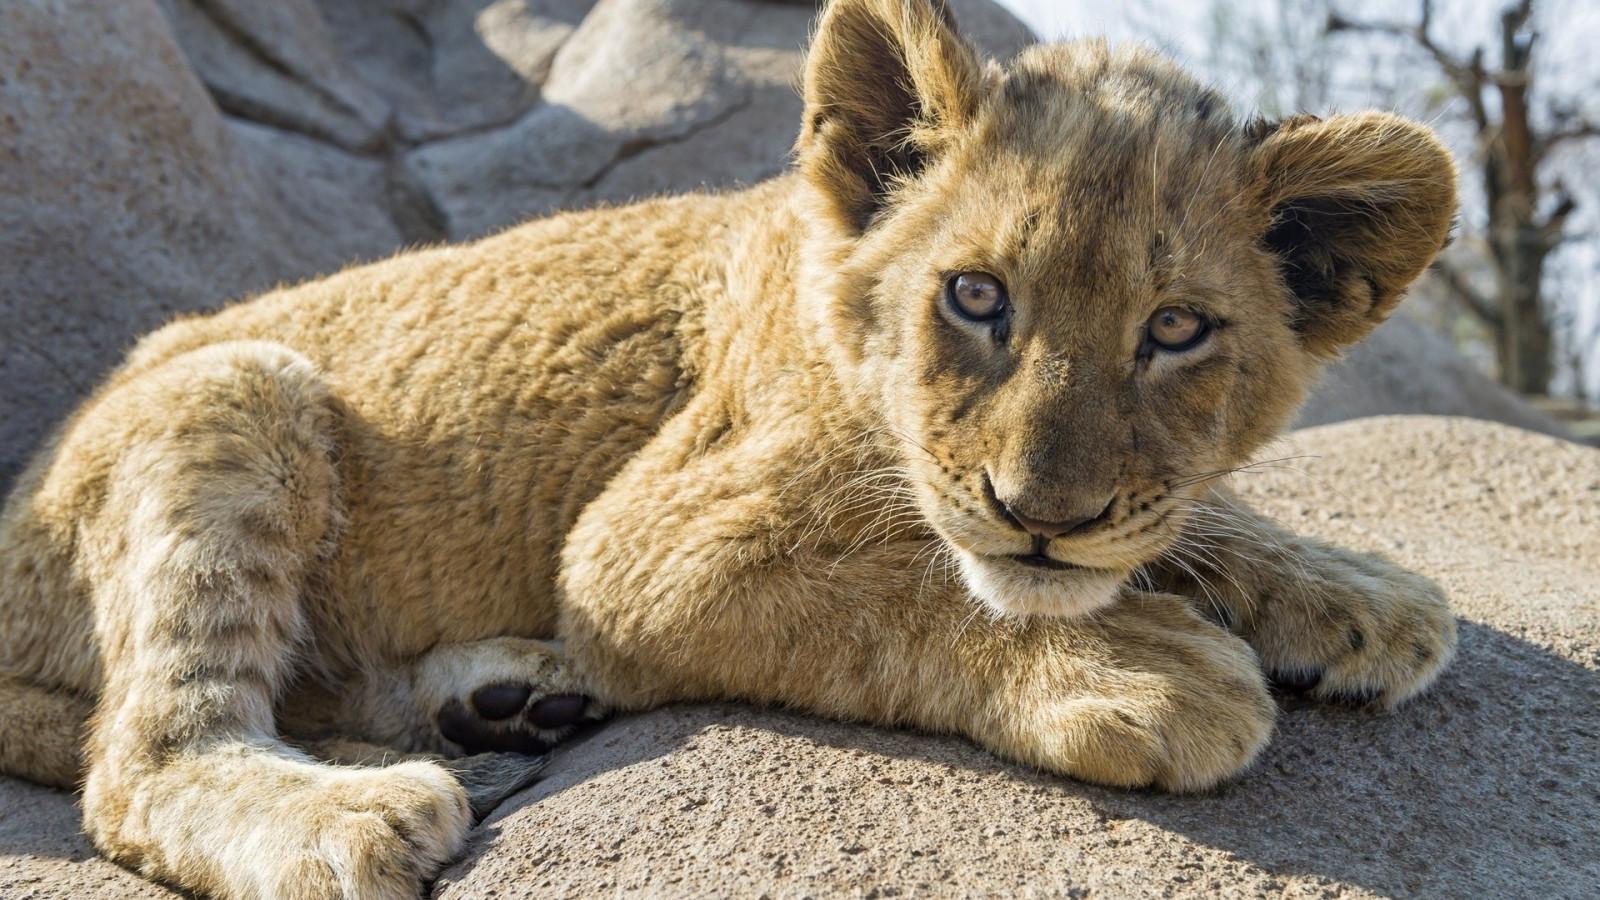 Fond d'écran : animaux, la nature, Lion, faune, gros chats, zoo, moustaches, Puma, Safari ...